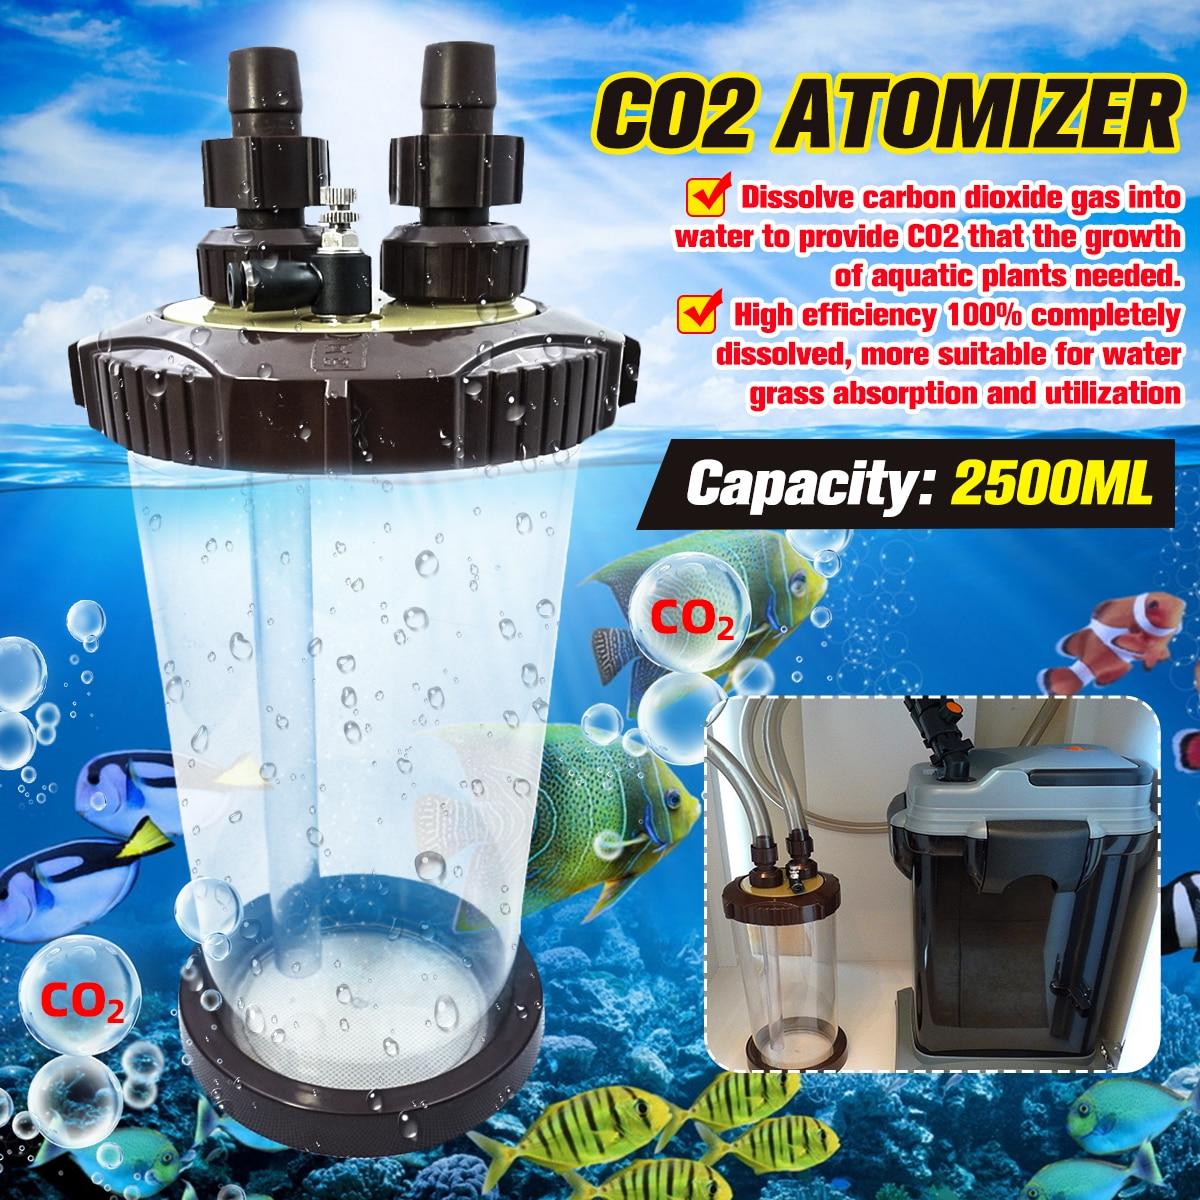 Chiaro CO2 Atomizzatore Esterno Turbo Super Diffusore Atomizzatore Serbatoio di Pesci D'acquario WaterPlant Fish Tank Paesaggio Acquatico 2500ML|CO2 Equipment| - AliExpress